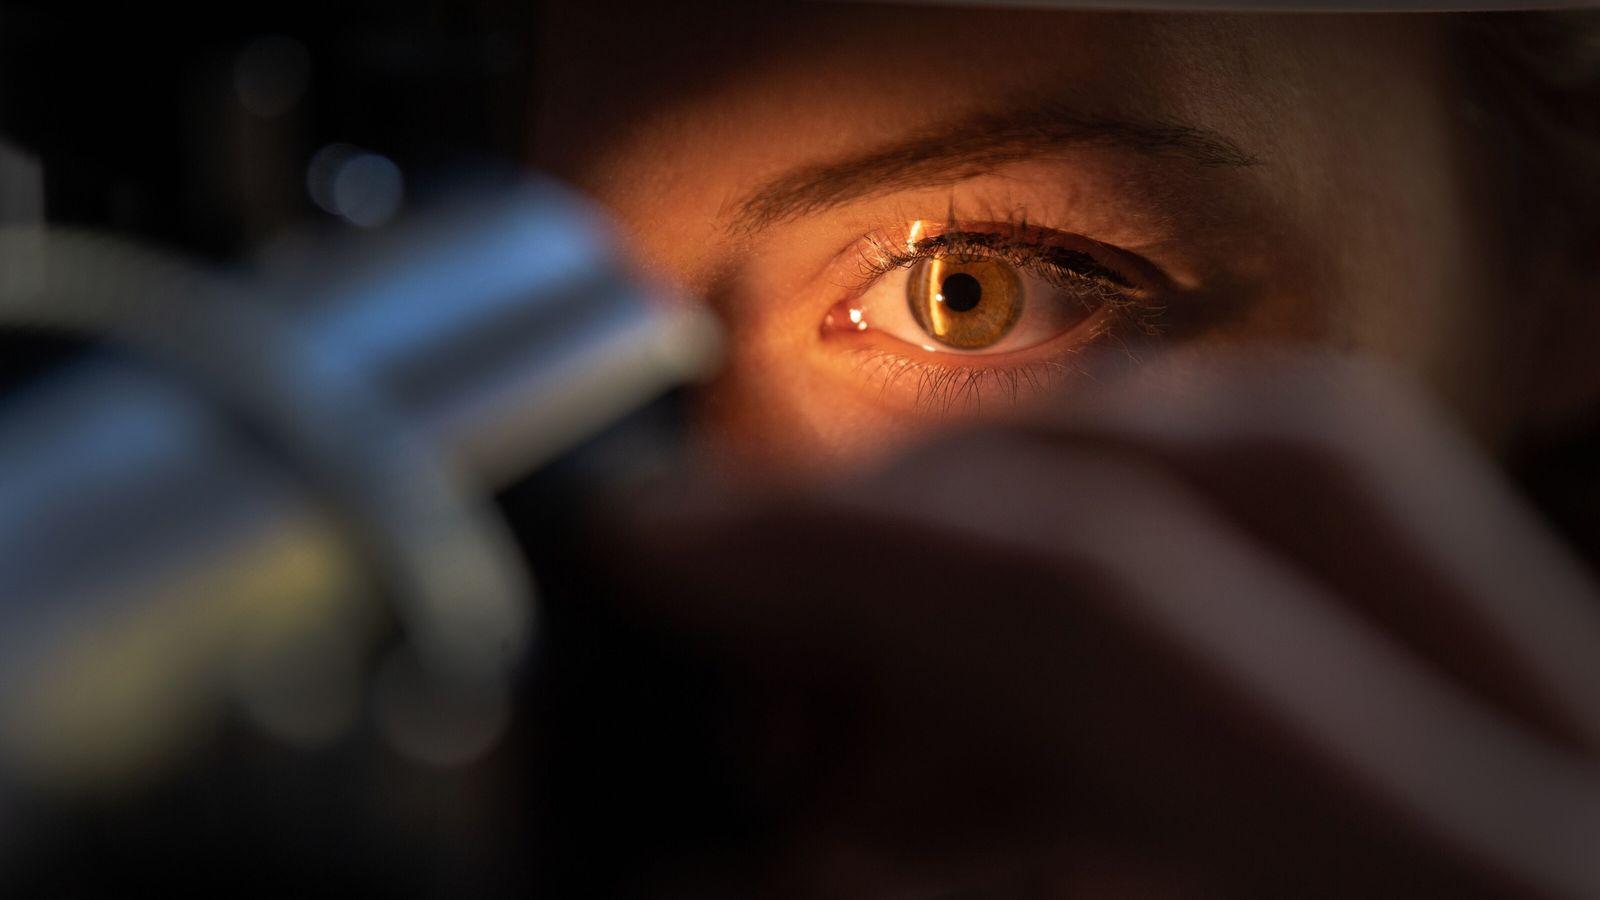 Un médico examina el ojo de un paciente